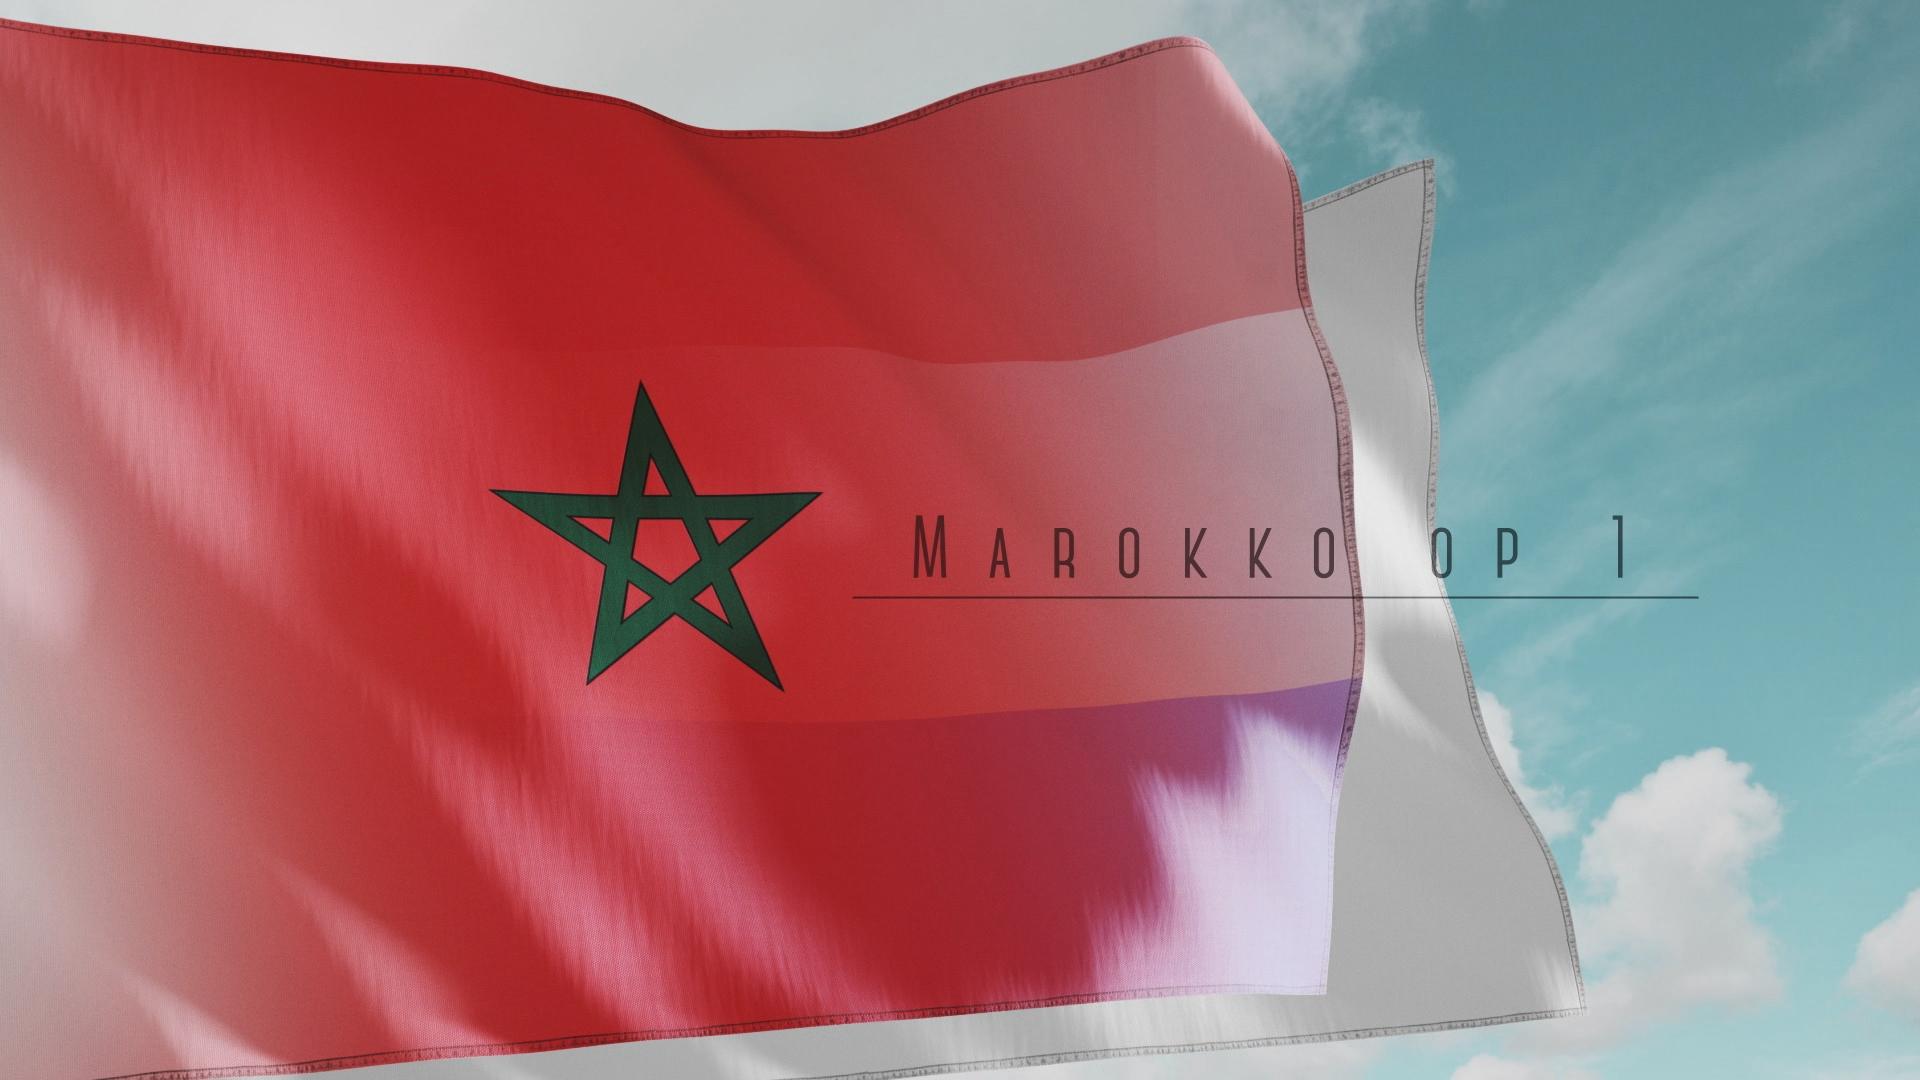 Marokko op 1